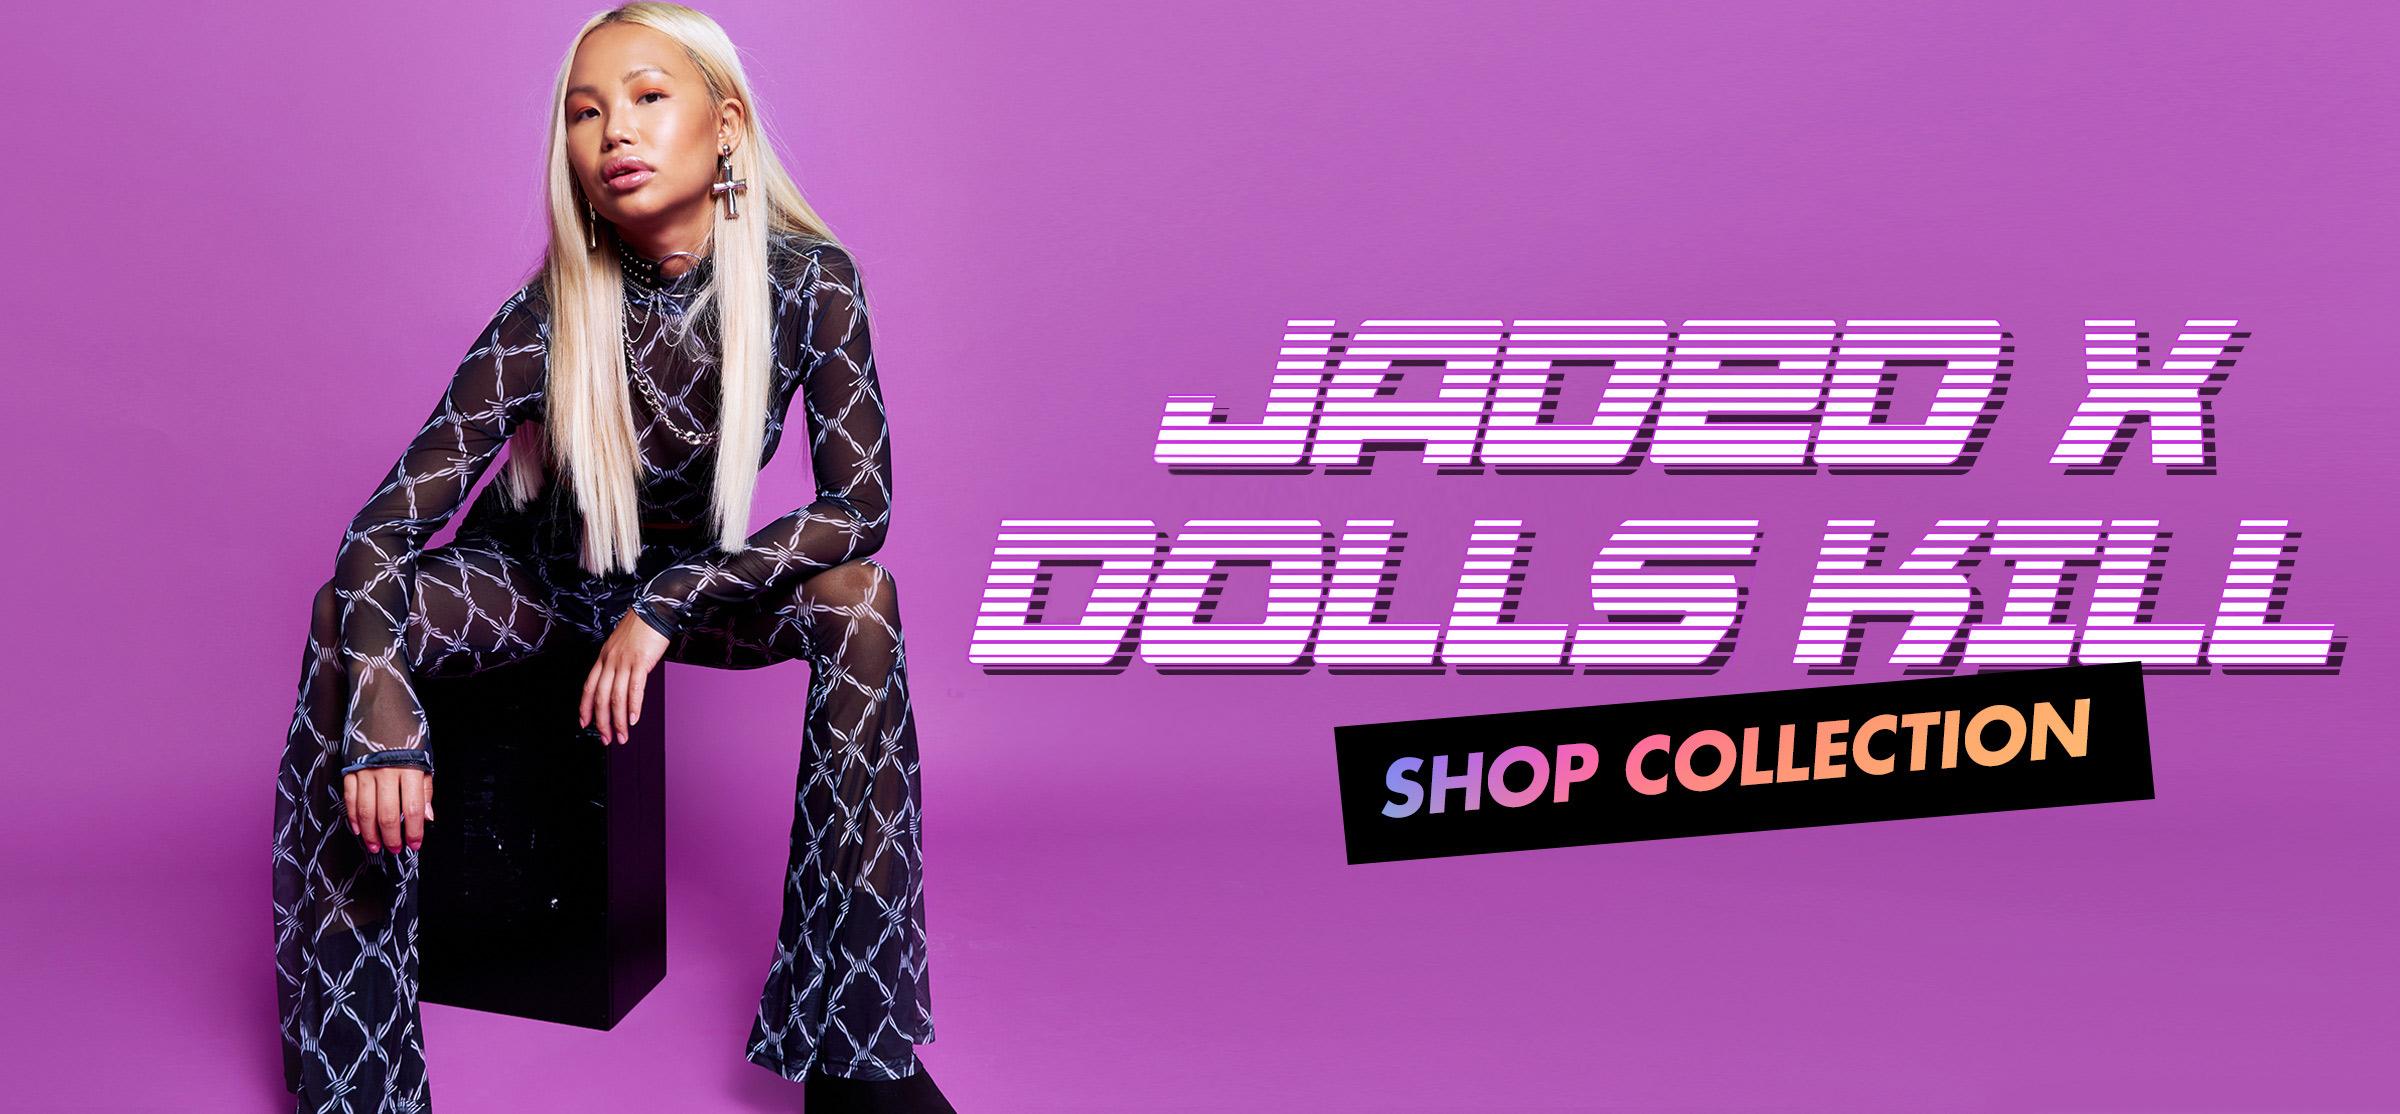 jaded-x-dollskill-banner-edit.jpg